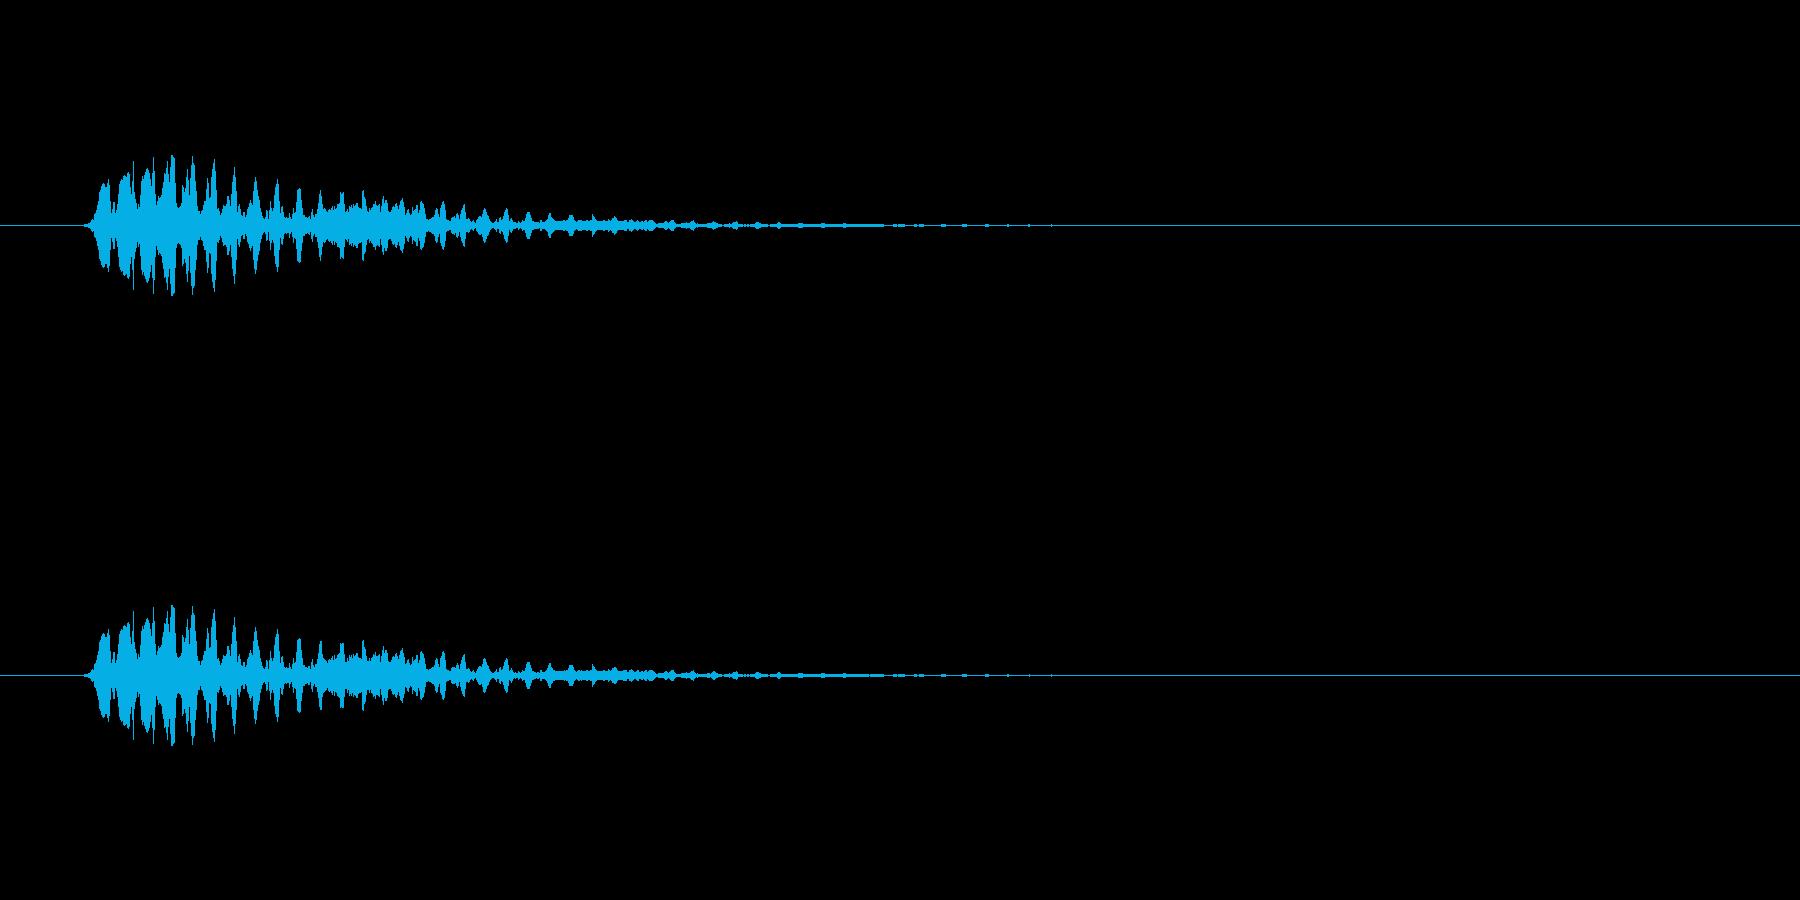 【ショートブリッジ12-2】の再生済みの波形